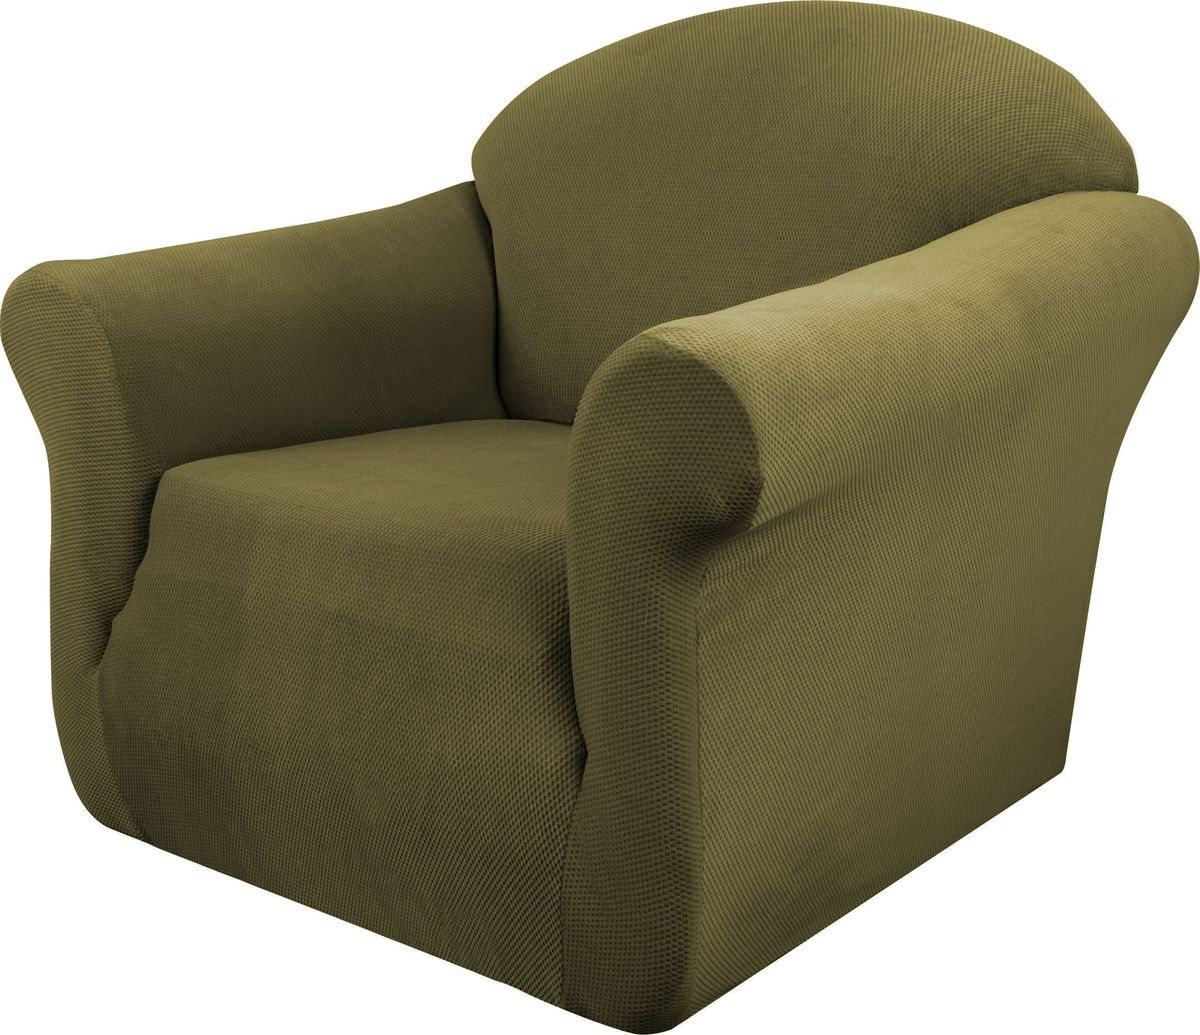 Чехол на кресло Медежда Бирмингем, цвет: оливковый1401031108002Чехол на кресло Медежда Бирмингем изготовлен из стрейчевого велюра (100% полиэстера). Тонкий геометрический дизайн добавляет уют помещению. Велюр - по праву один из уверенных лидеров среди мебельных тканей. Поверхность велюра приятна для прикосновений. Сочетание нежности и прочности - визитная карточка велюра. Вещи из него даже спустя много лет смотрятся, как новые. Чехол легко растягивается и хорошо принимает форму кресла, подходит для большинства стандартных кресел с шириной спинки от 80 см до 110 см и высотой не более 95 см. За счет специальных фиксаторов чехол прочно держится на мебели, не съезжает и не соскальзывает. Имеется инструкция в картинках по установке чехла.